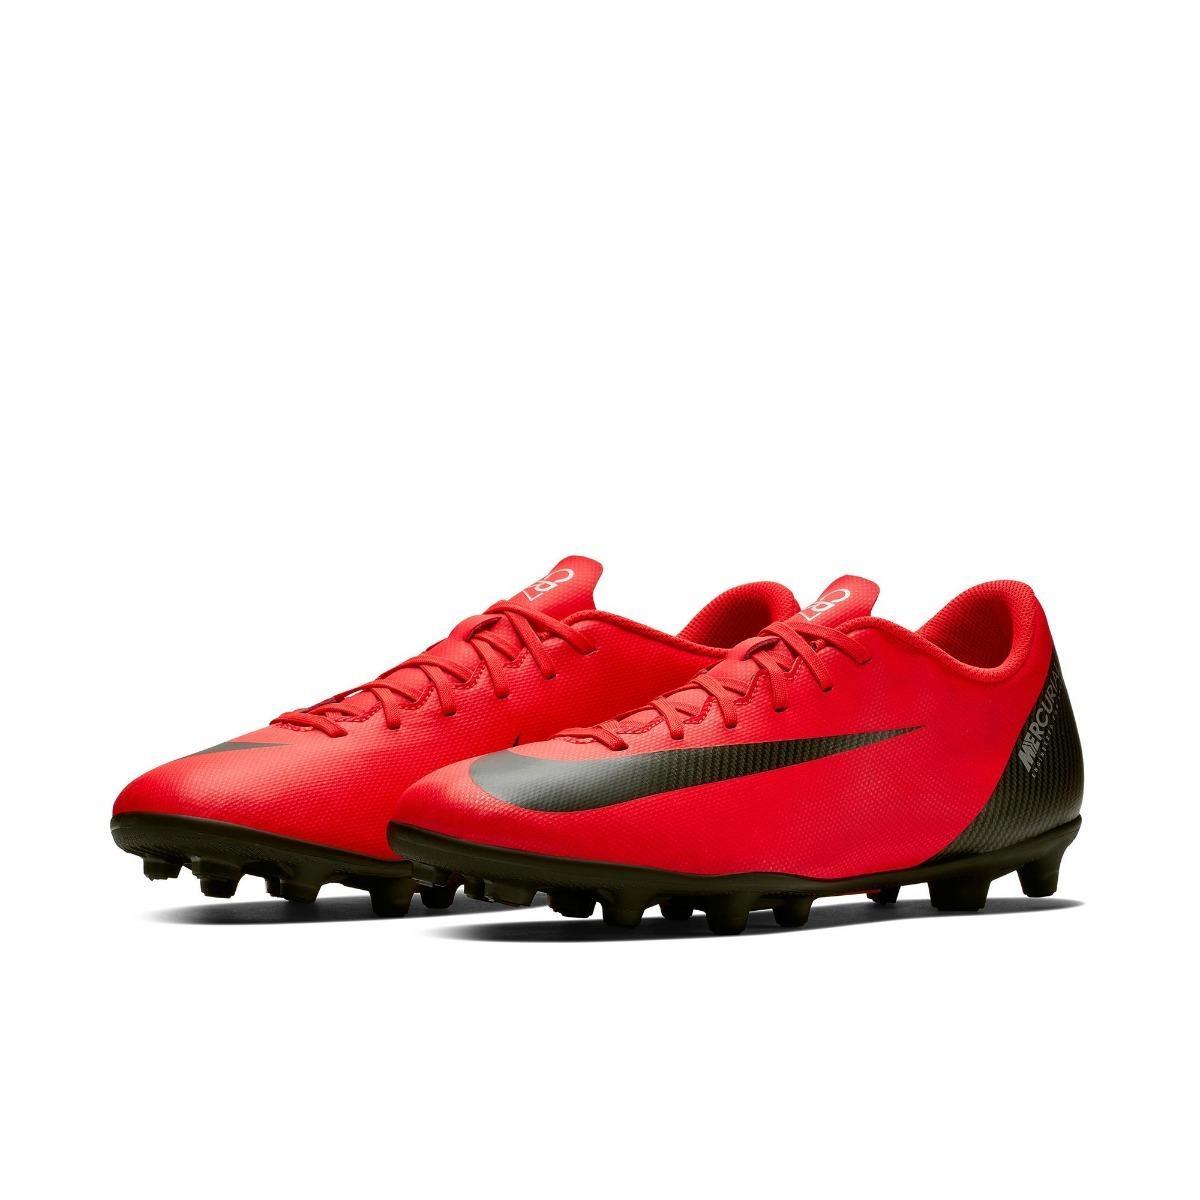 39979d0f29328 Chuteira Nike Mercurial Vapor Xii Club Cr7 Campo Original+nf - R ...